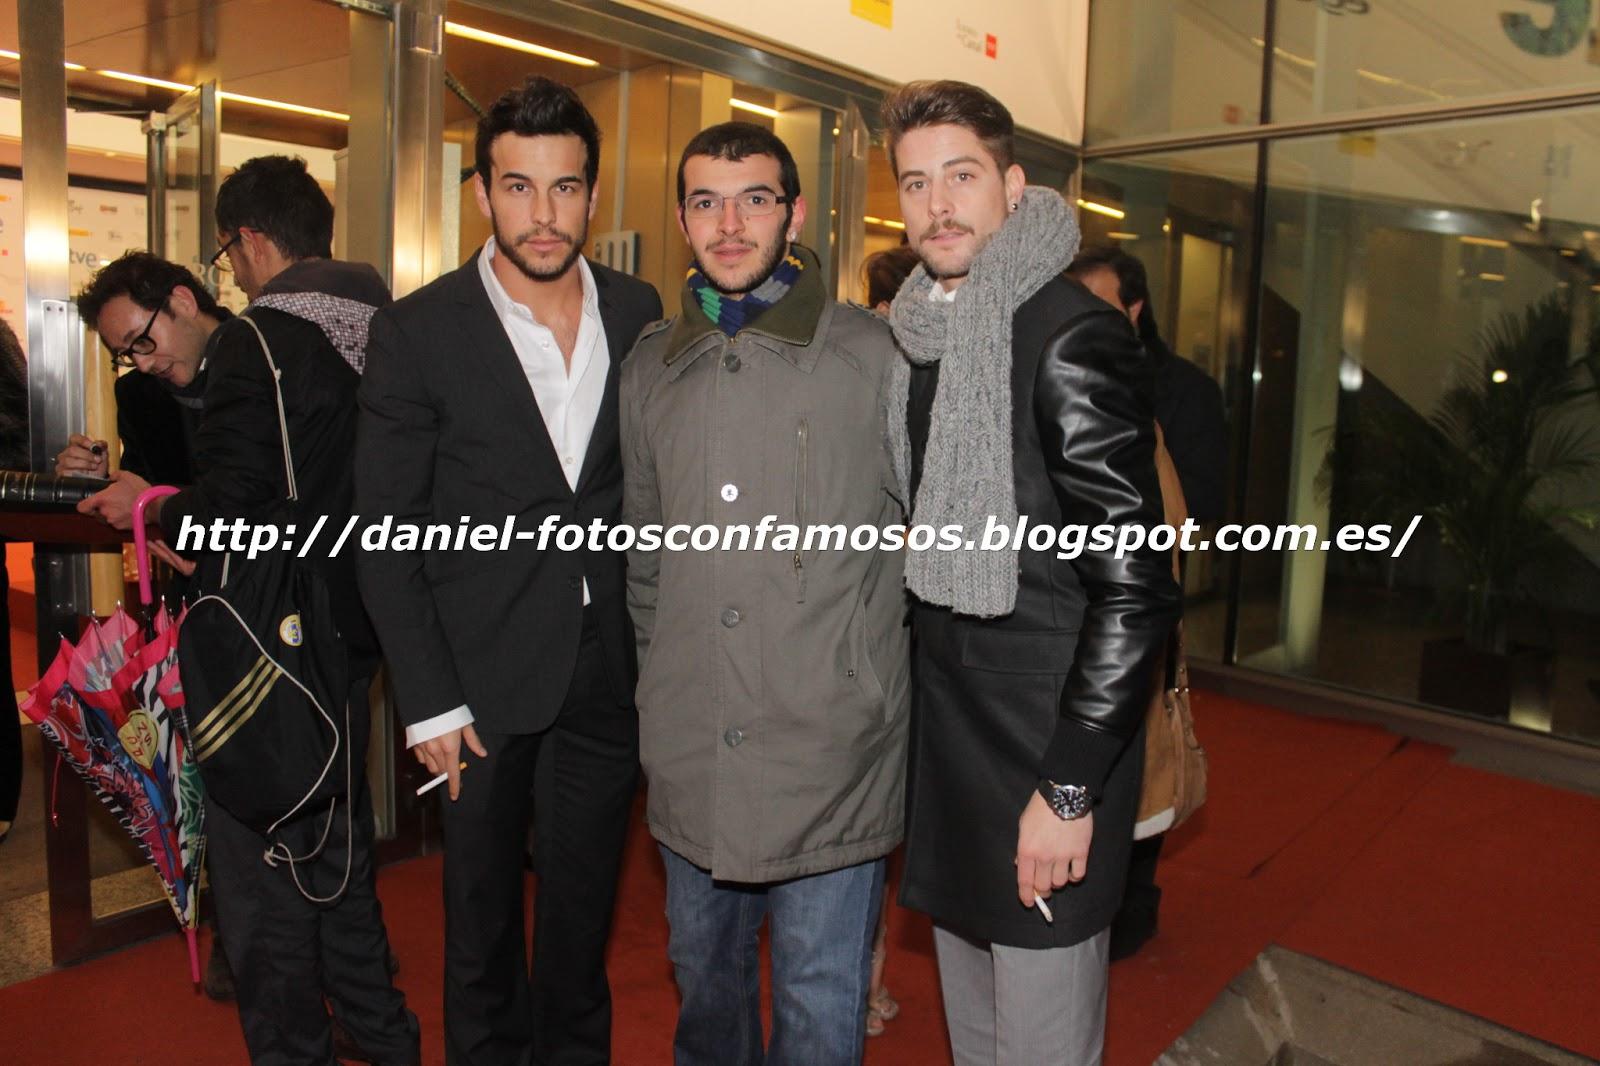 ¿Cuánto mide Luis Fernández? (Actor) - Altura Mario+Casas+y+Luis+Fernandez+(1)+(1)